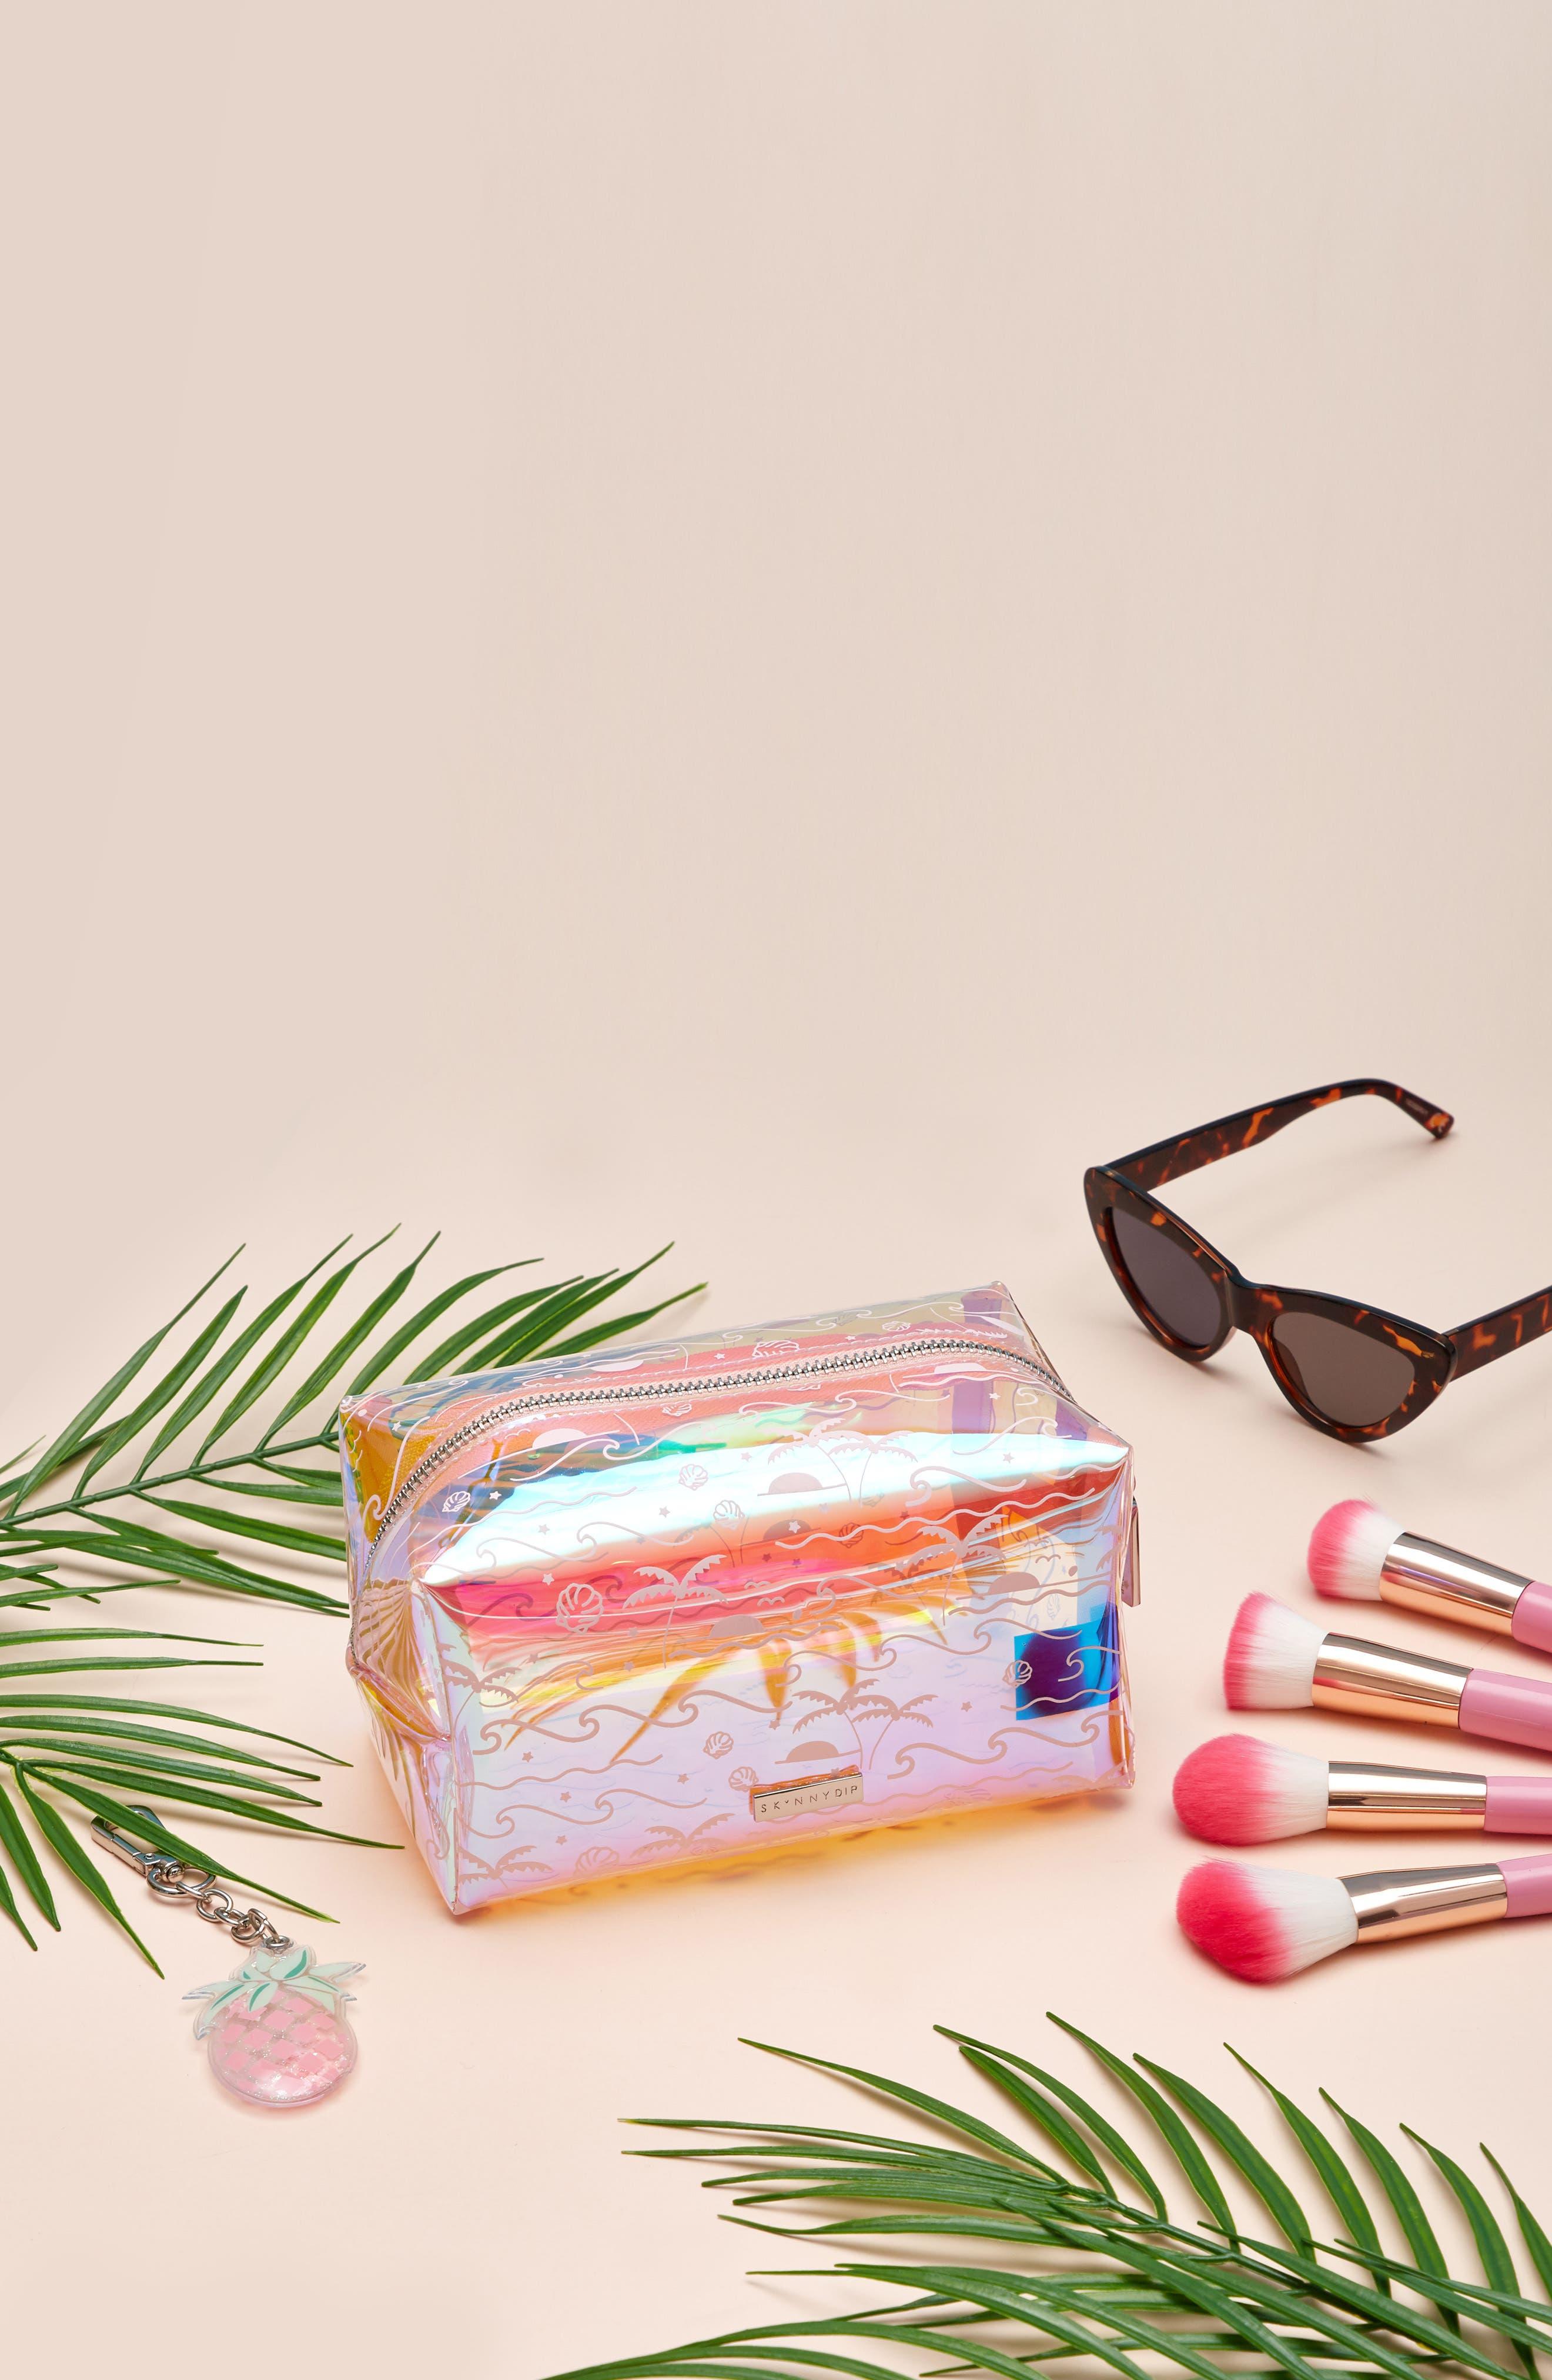 Skinny Dip Ocean Breeze Makeup Bag,                             Alternate thumbnail 4, color,                             000